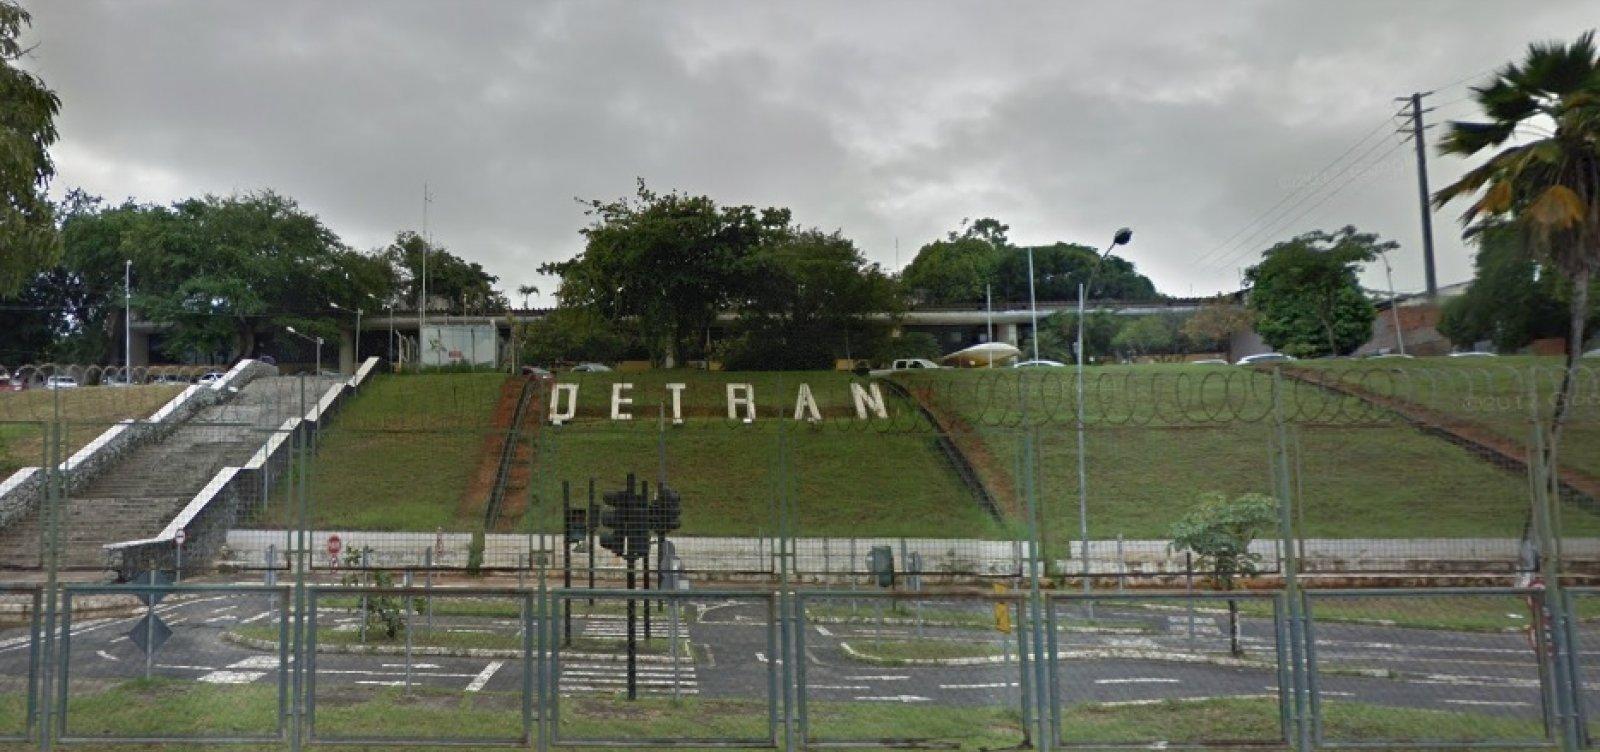 Polícia prende dupla suspeita de liderar esquema de fraude de placas no Detran da Bahia